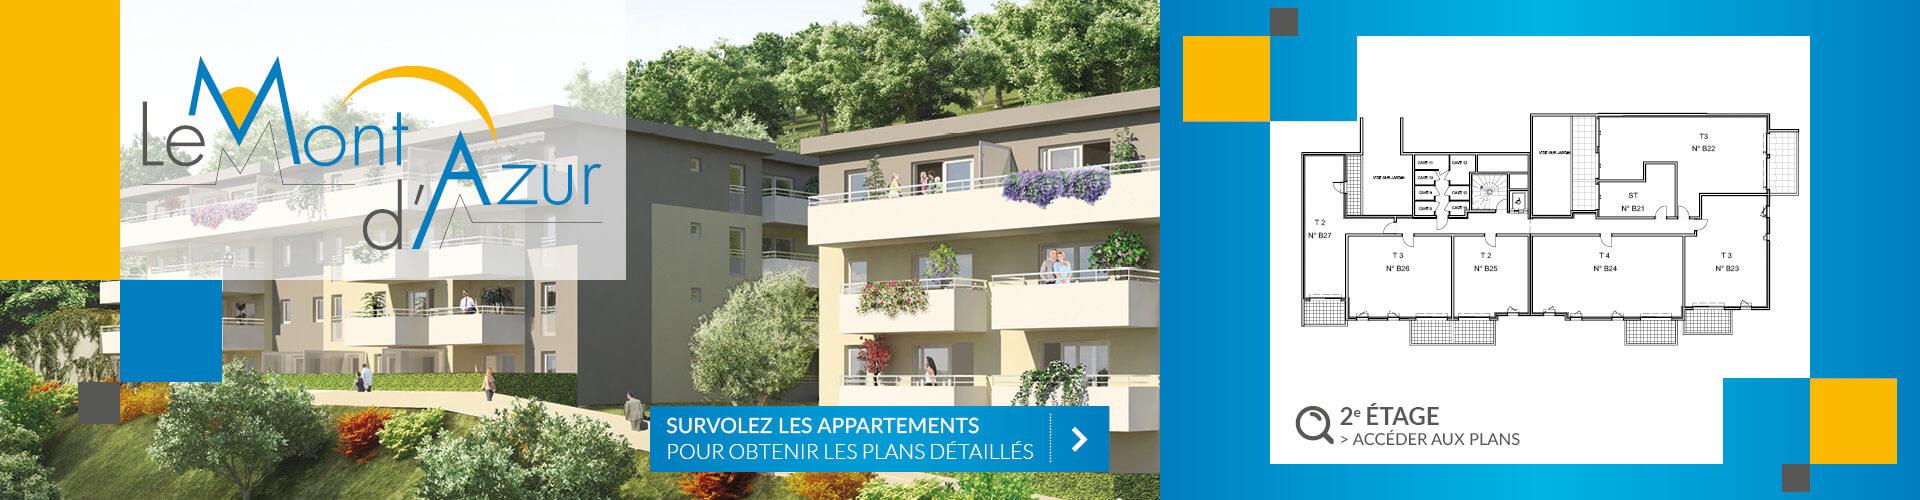 Résidence Mont d'Azur 2e étage Segeprim